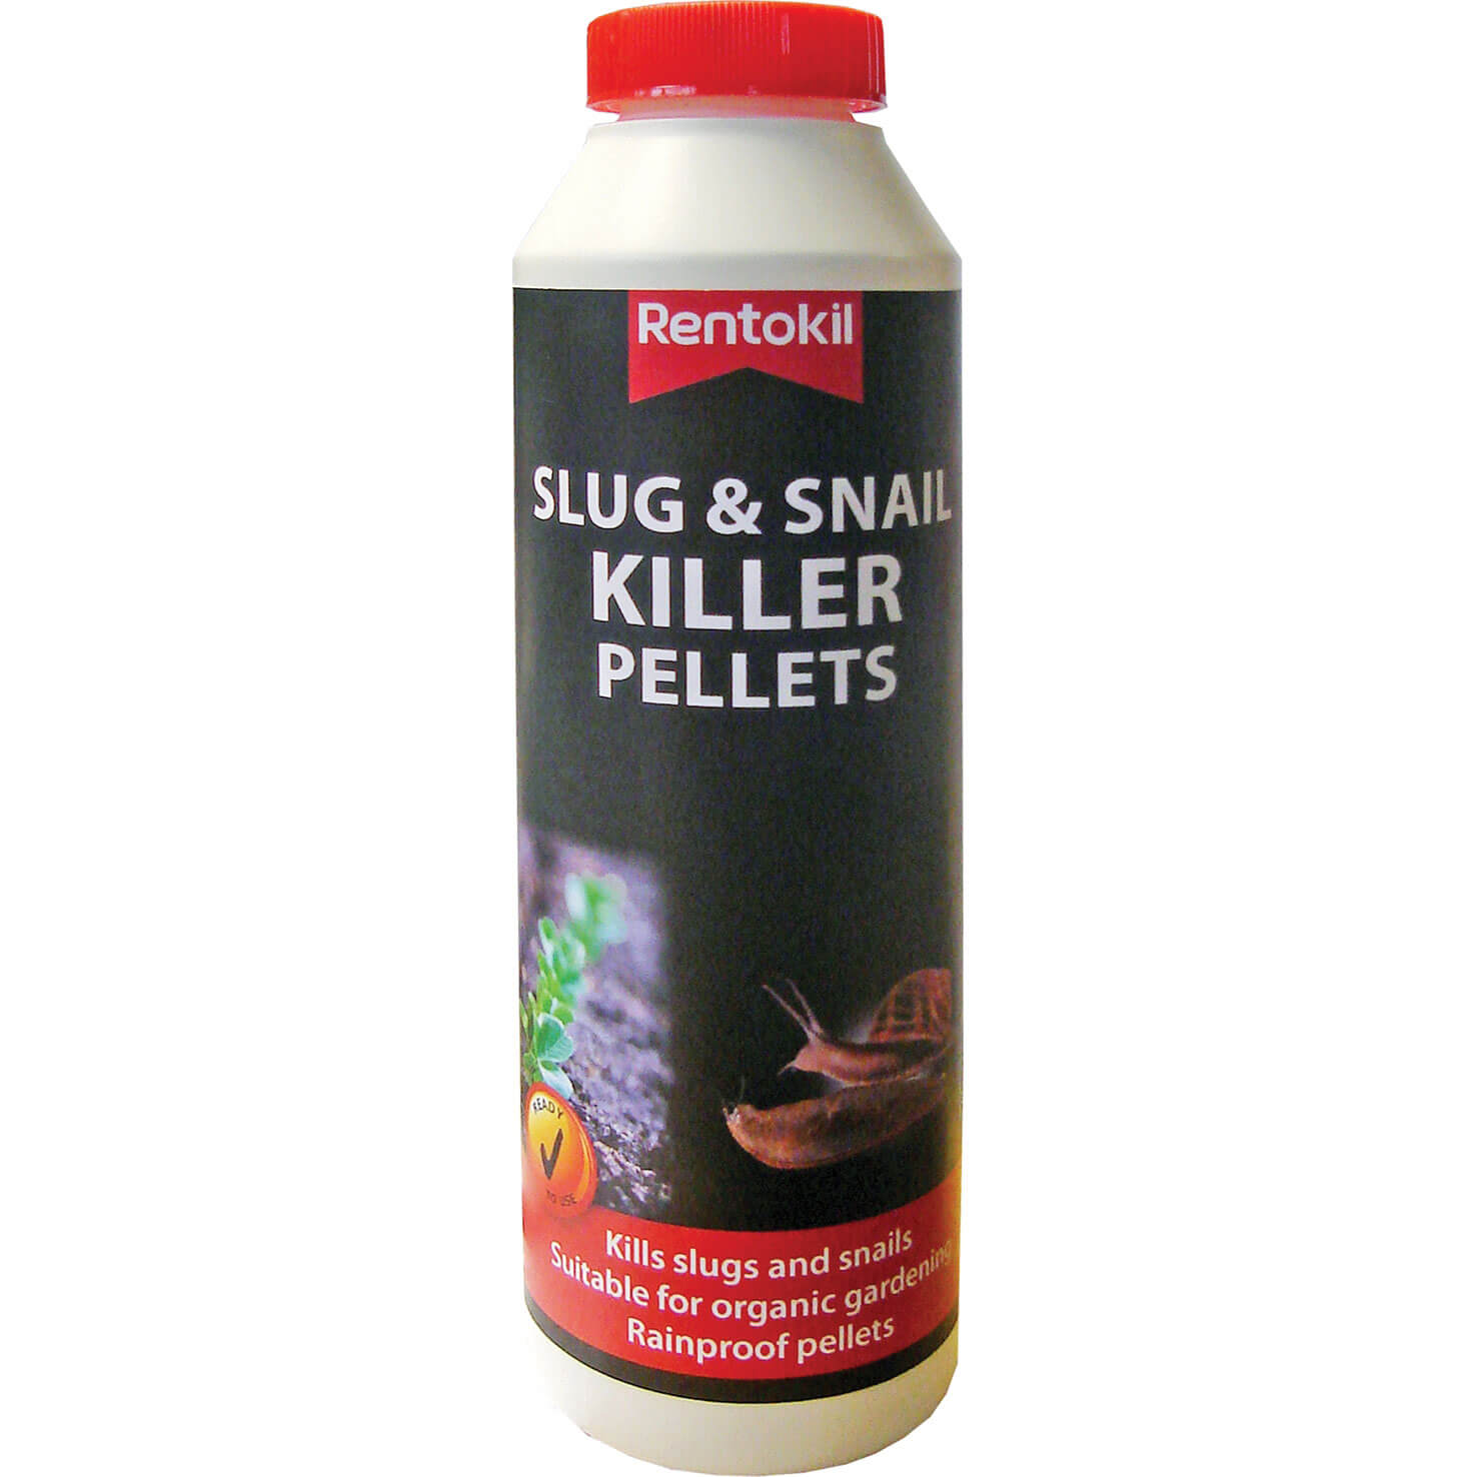 Image of Rentokil Iron Phosphate Slug and Snail Killer Pellets 300g